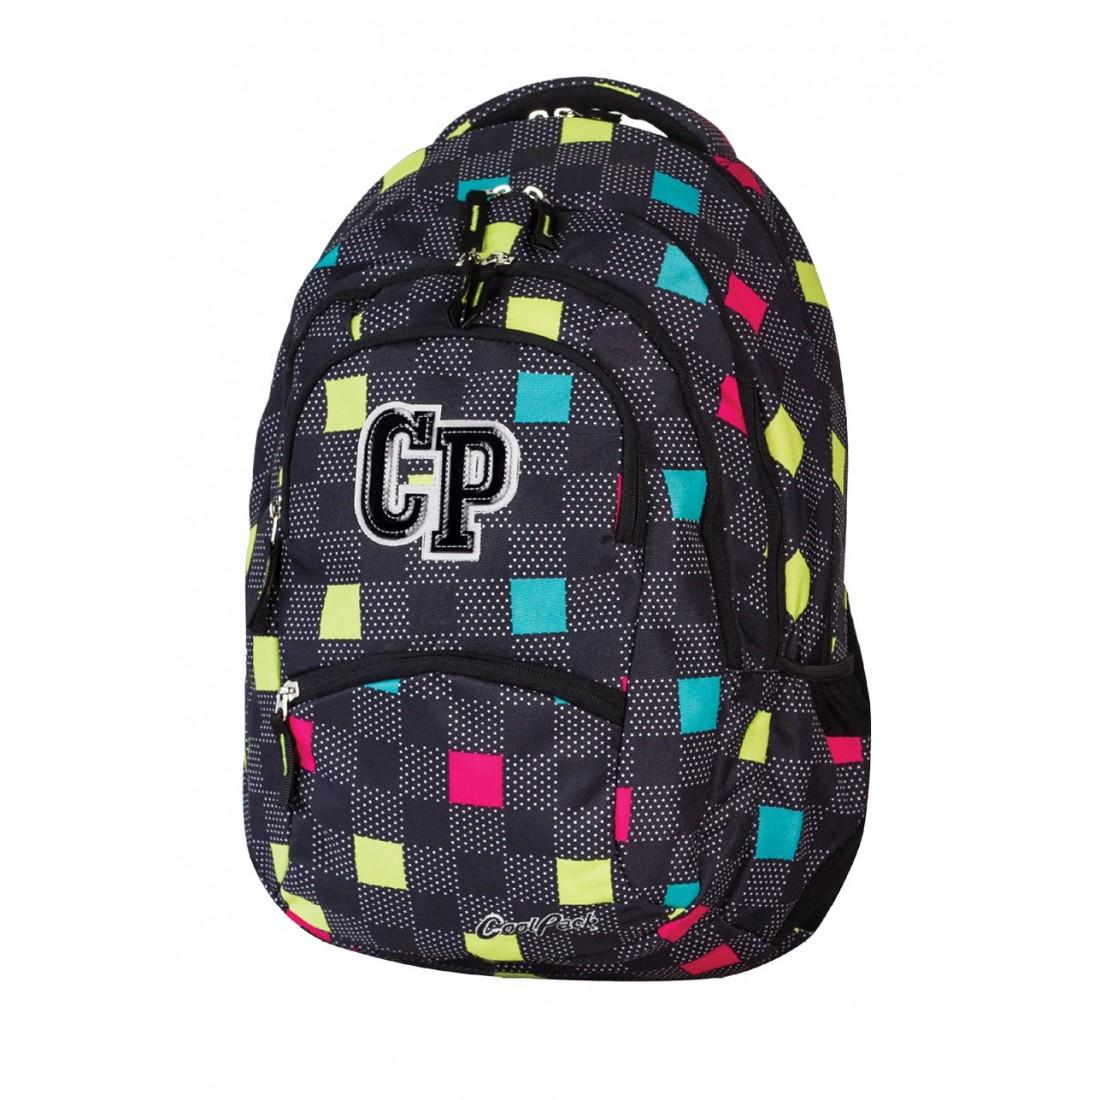 Plecak młodzieżowy CoolPack CP czarny w kwadraciki - 5 przegród COLLEGE COLOUR TILES 469 - plecak-tornister.pl